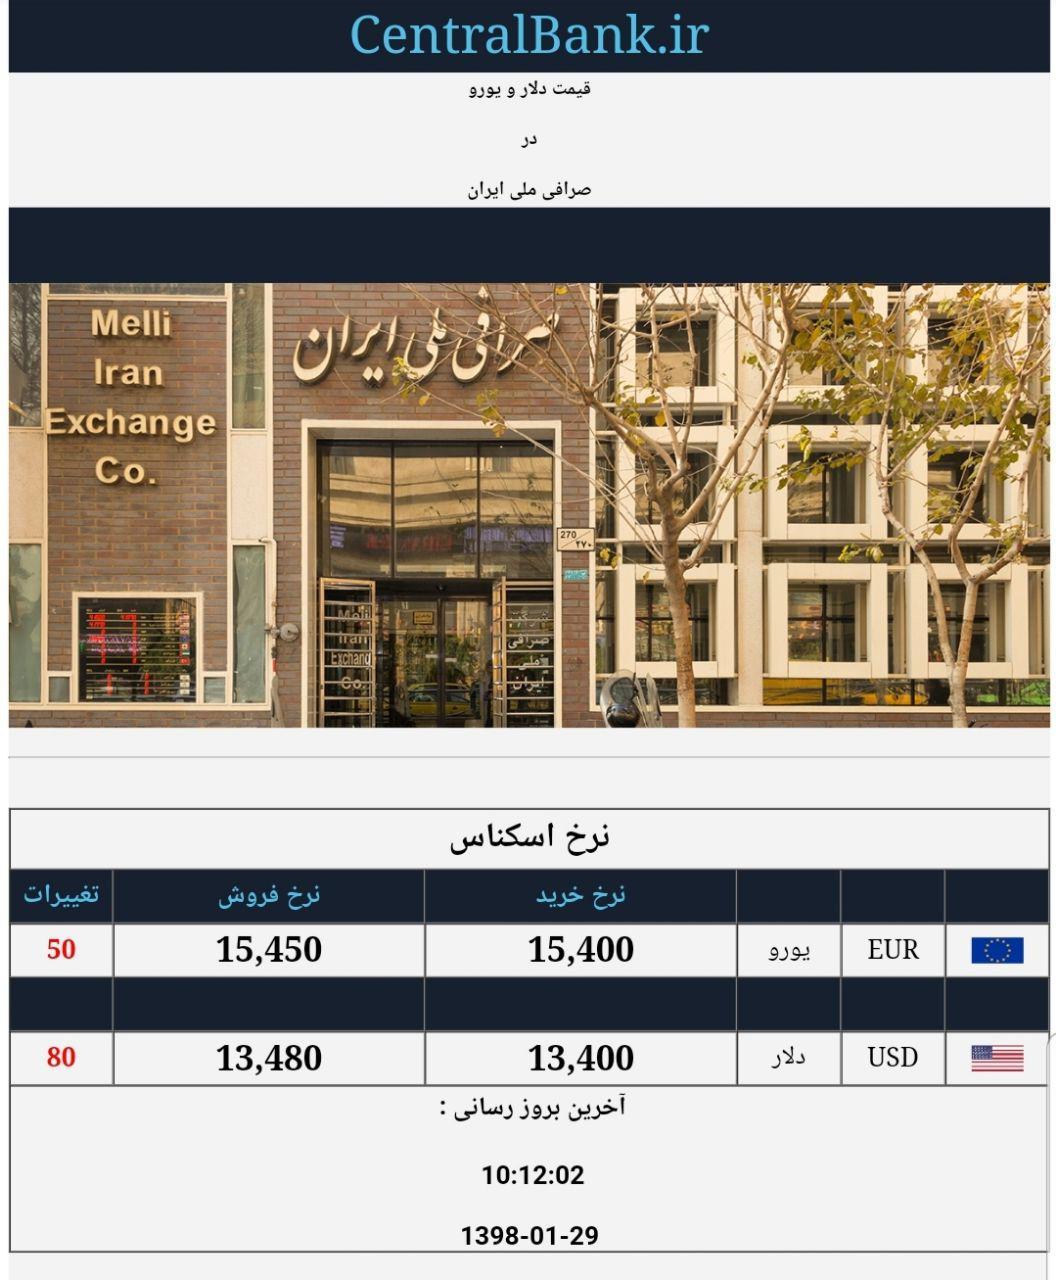 قیمت دلار و یورو در صرافی ملی امروز ۱۳۹۸/۰۱/۲۹